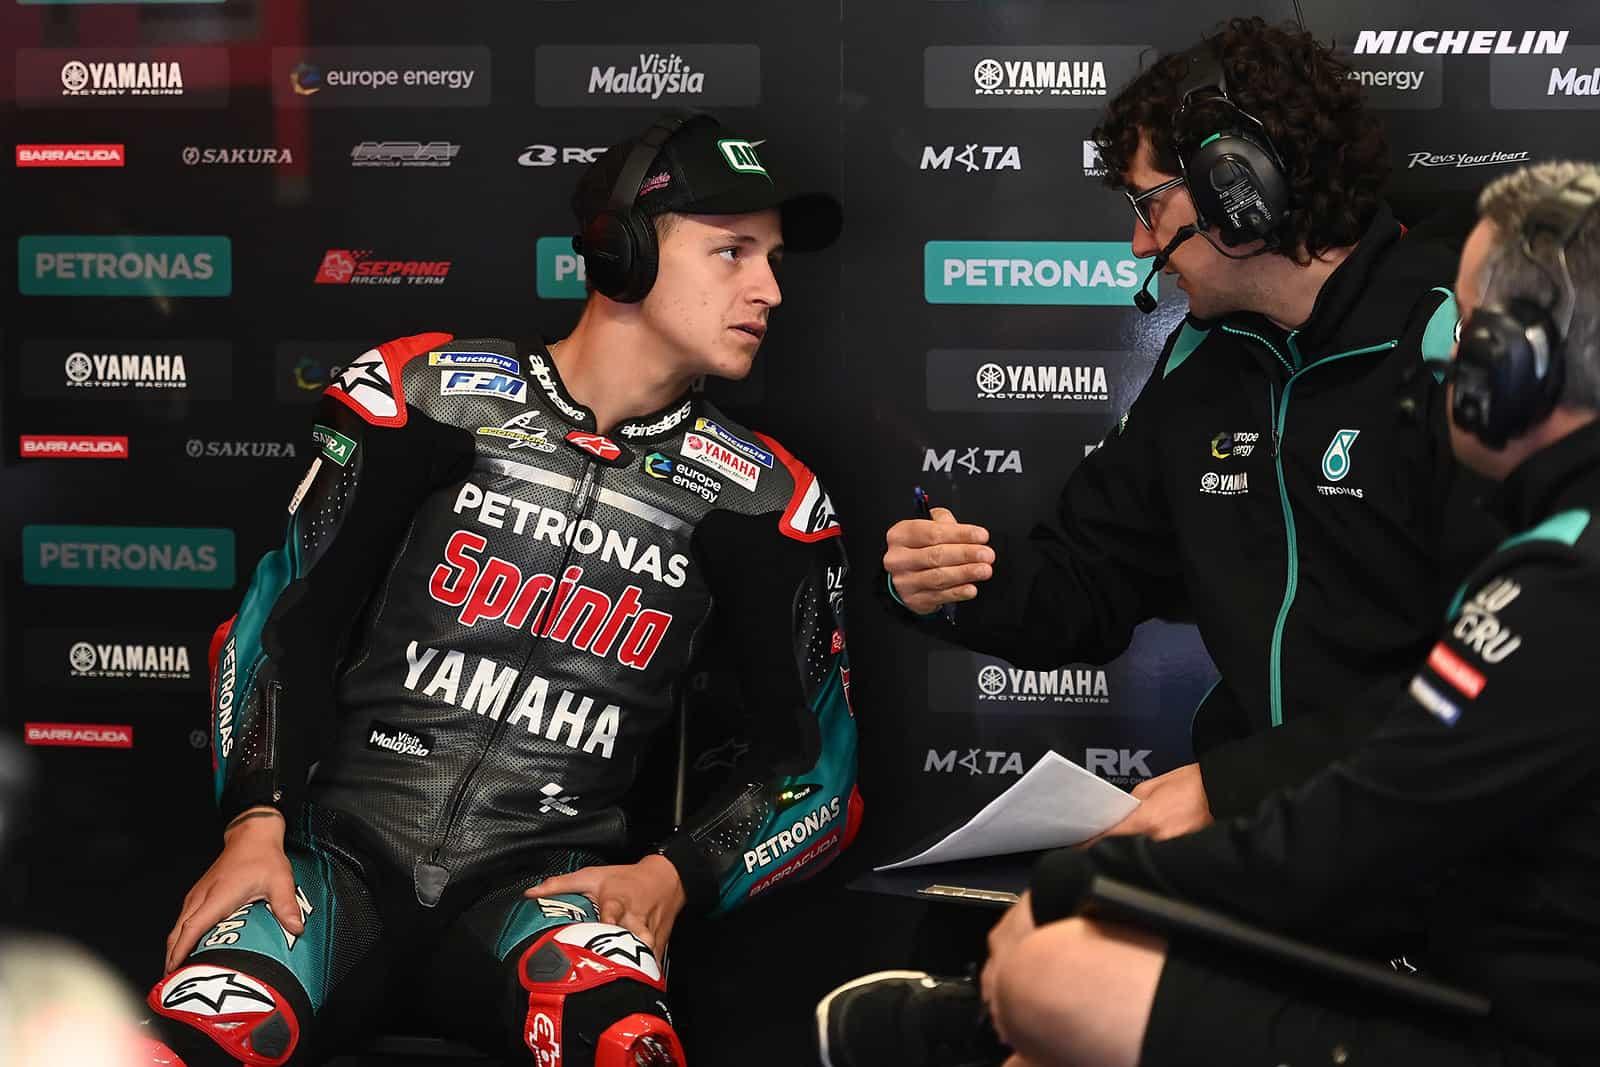 MotoGP2019ドイツGP ファビオ・クアルタラロ「左回りのトラックは右手にとってポジティブ」